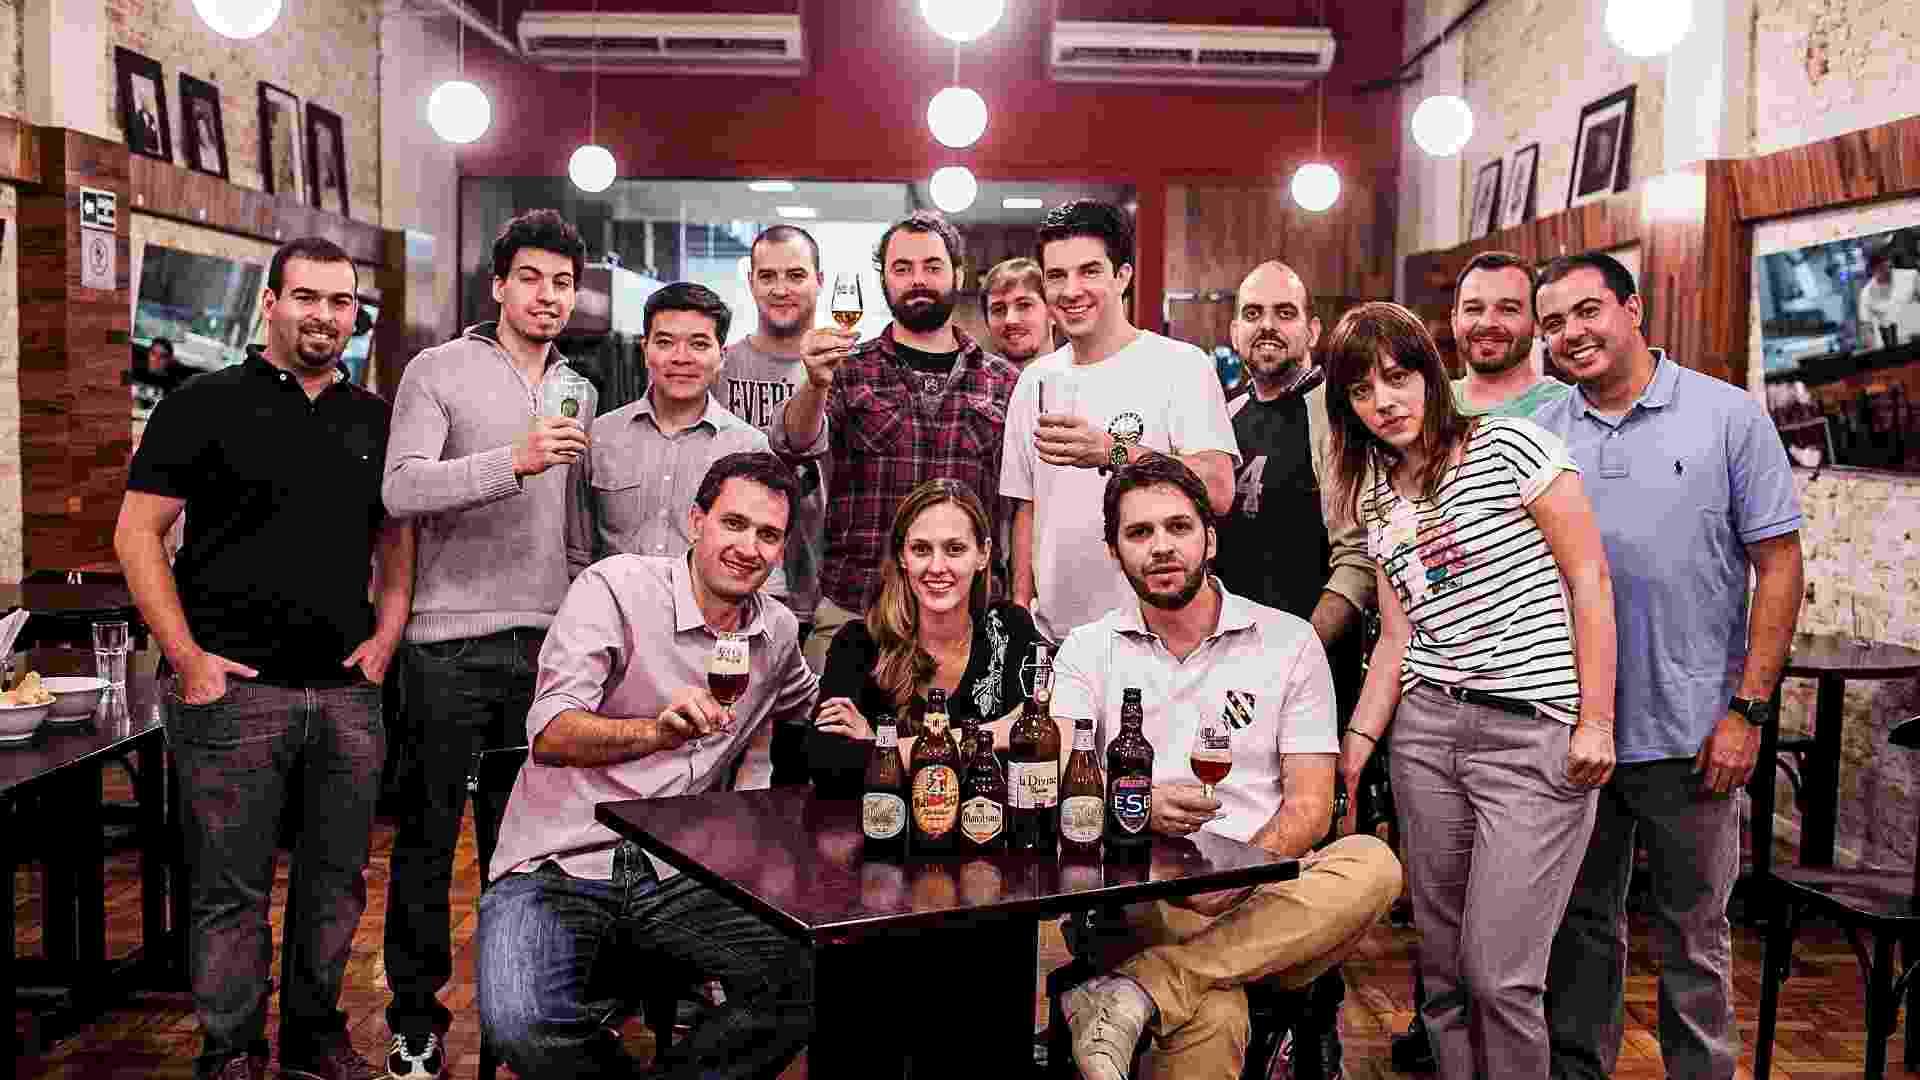 Alunos do Instituto da cerveja participam de aula de degustação - Leonardo Soares/UOL